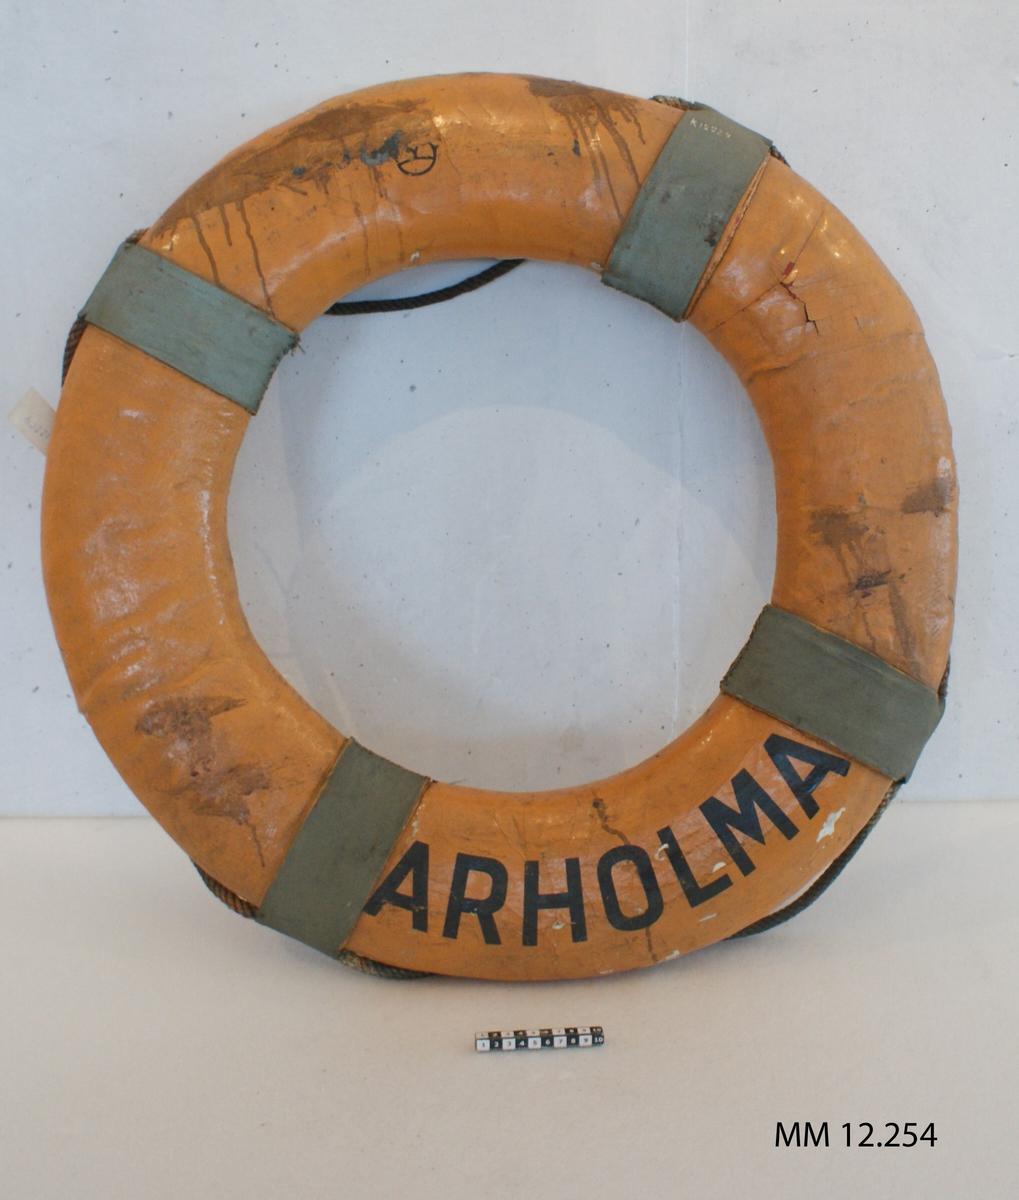 Frälsarkrans, livboj av väv och kork, gulmålad. Märkt i svart: Arholma.